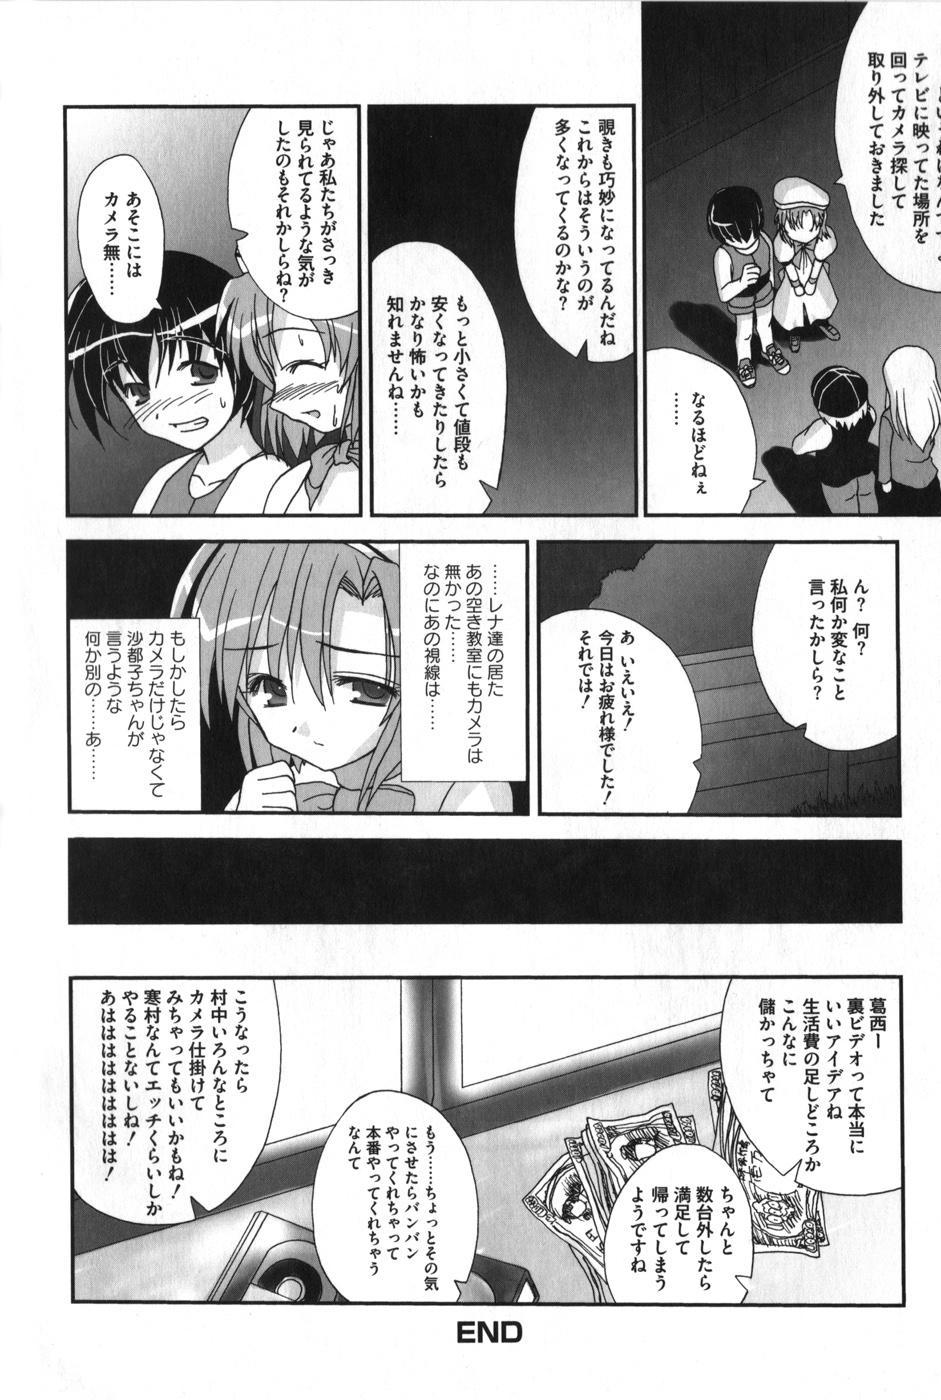 HiguERO no naku koro ni 148